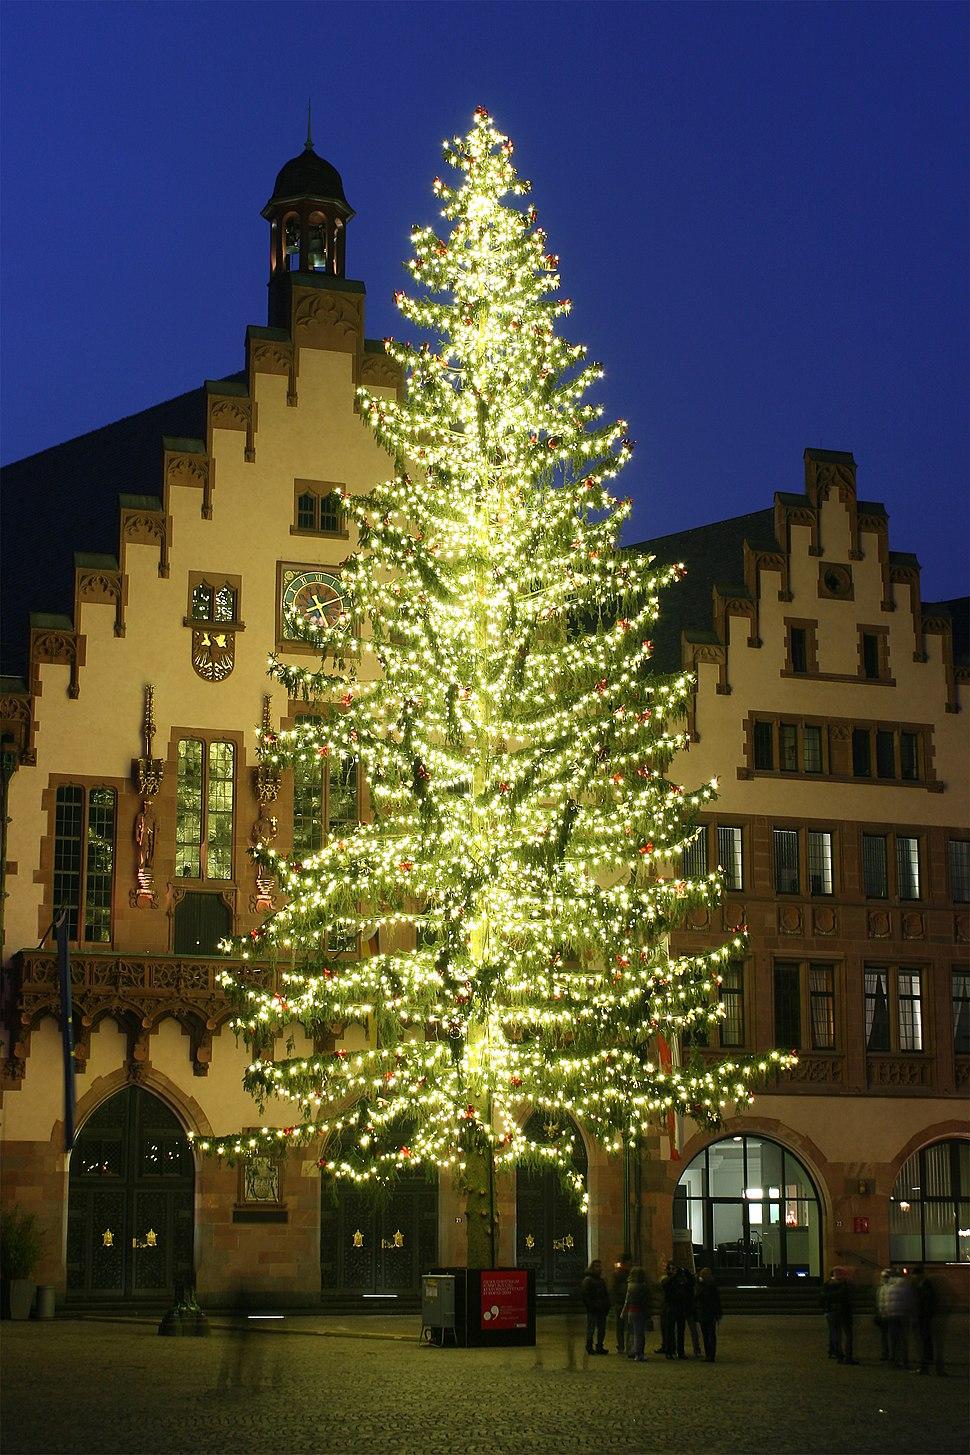 Weihnachtsbaum R%C3%B6merberg